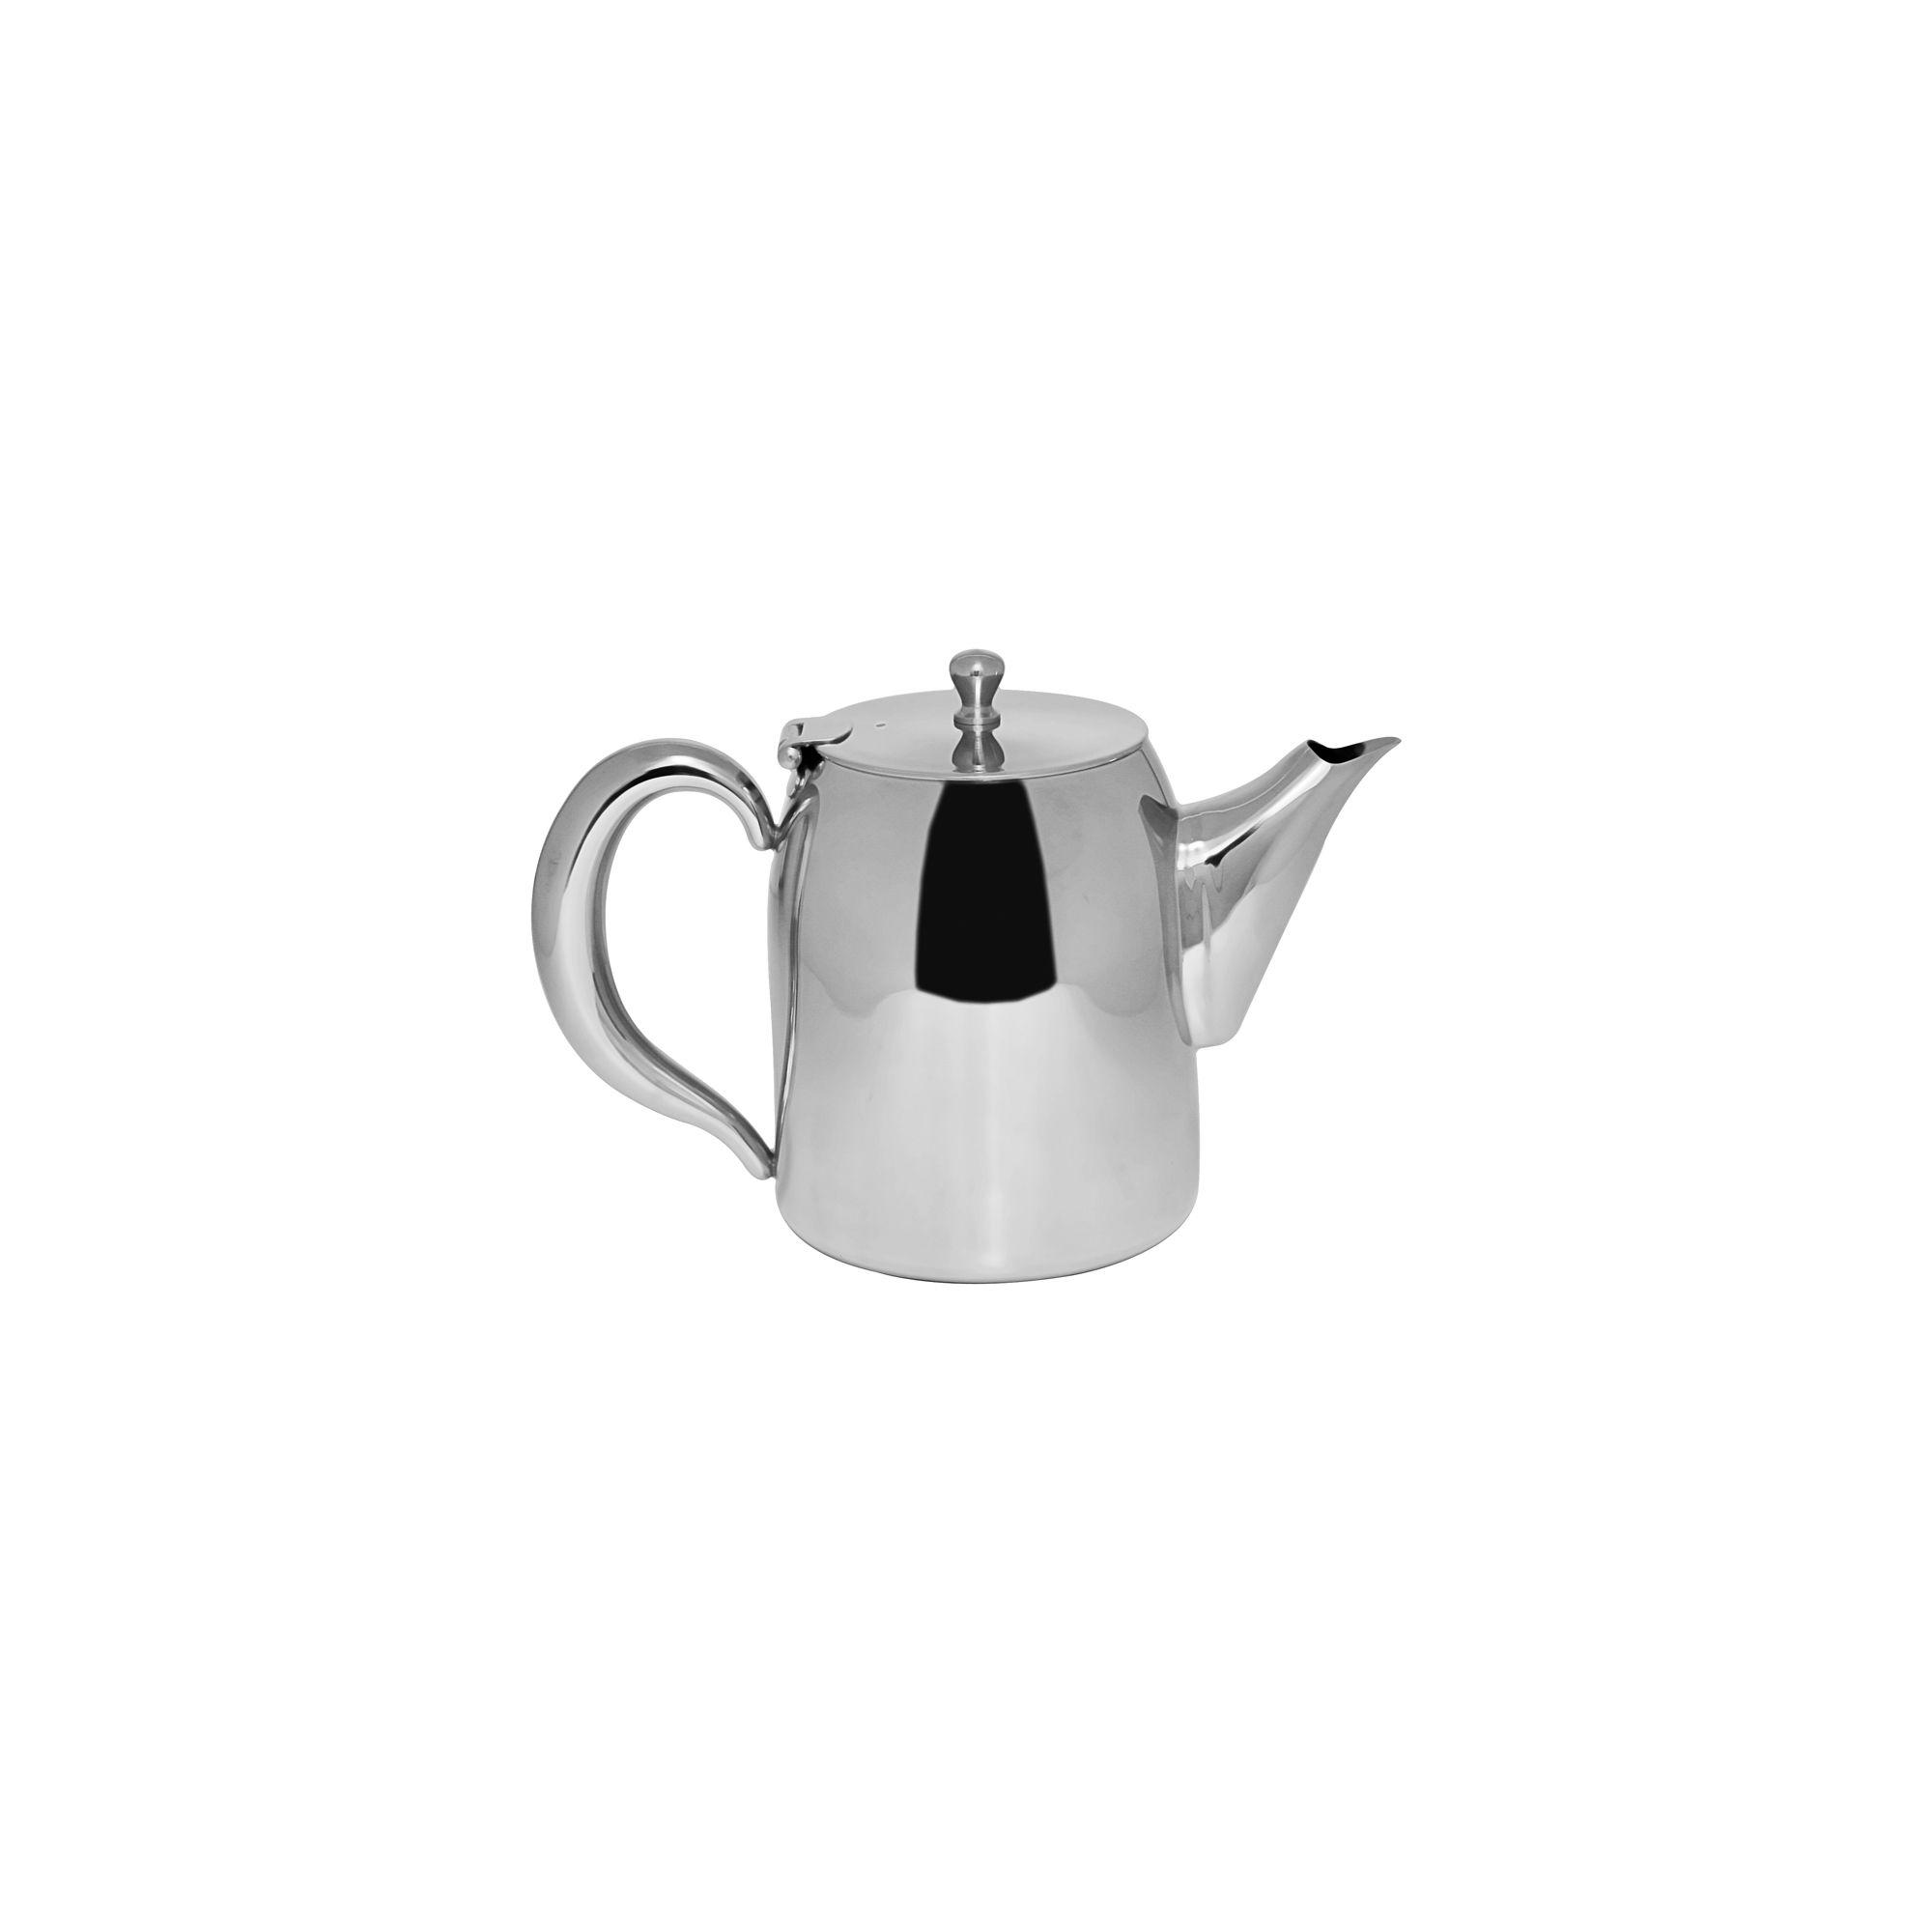 Sabichi 95275 S/S Teapot 48Oz (5 Cup)